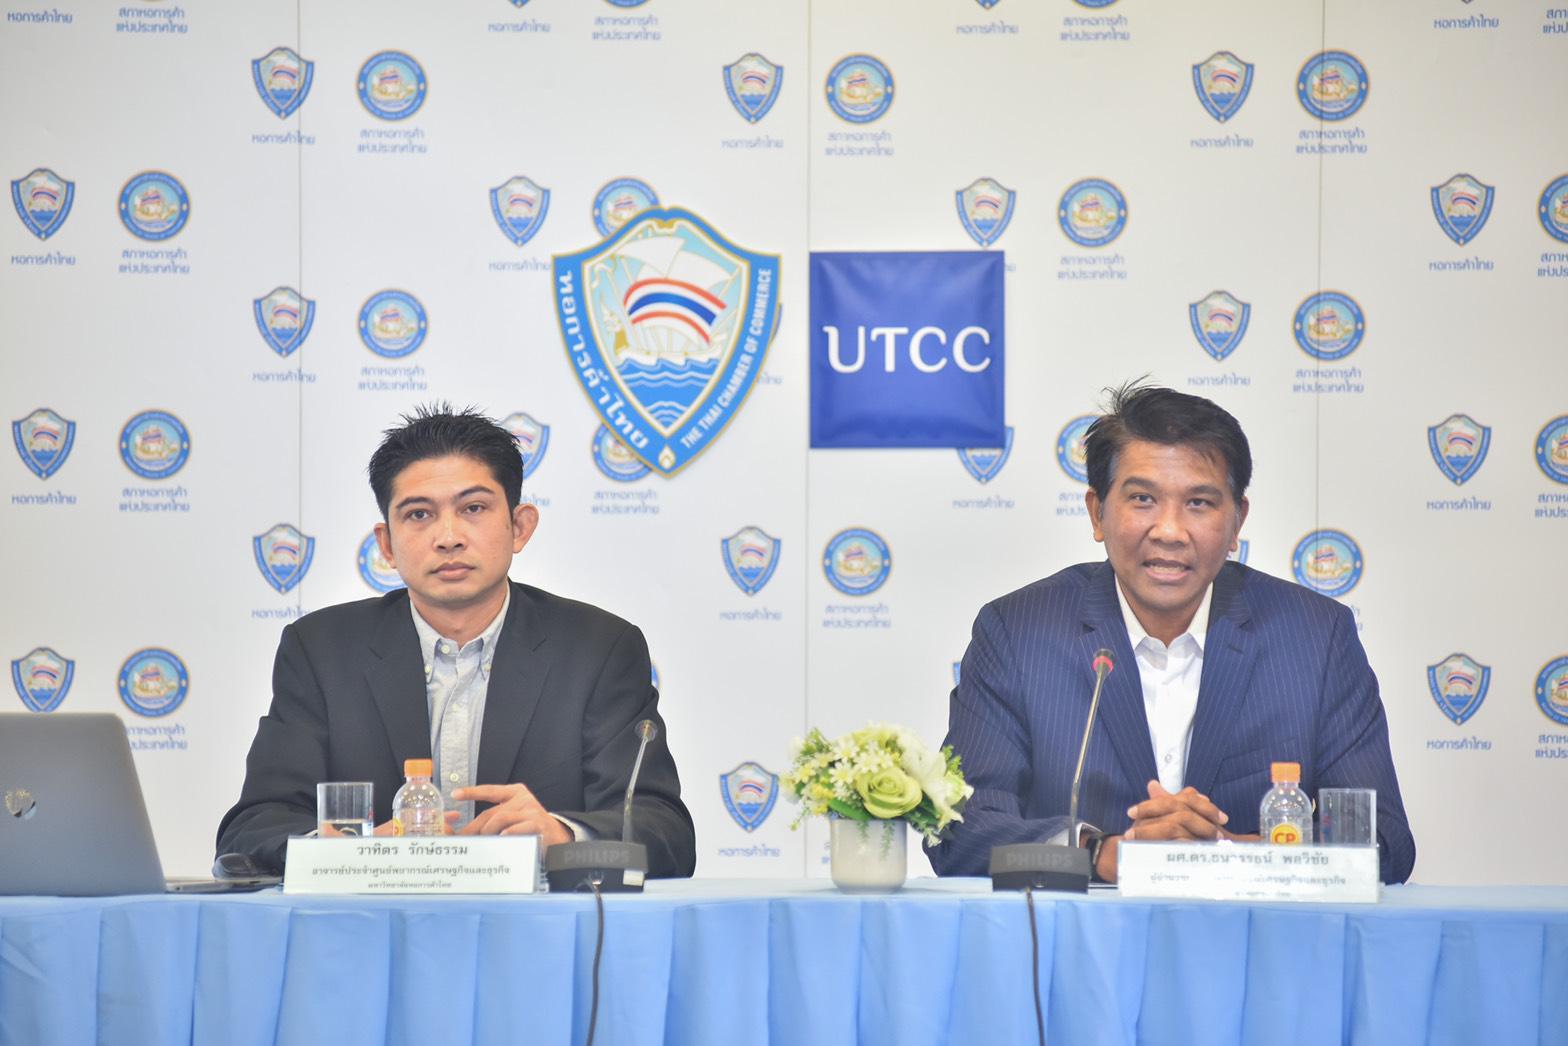 หอการค้าไทย เผยดัชนีความเชื่อมั่น เดือนส.ค. 62 ลดต่ำสุดรอบ 33 เดือน